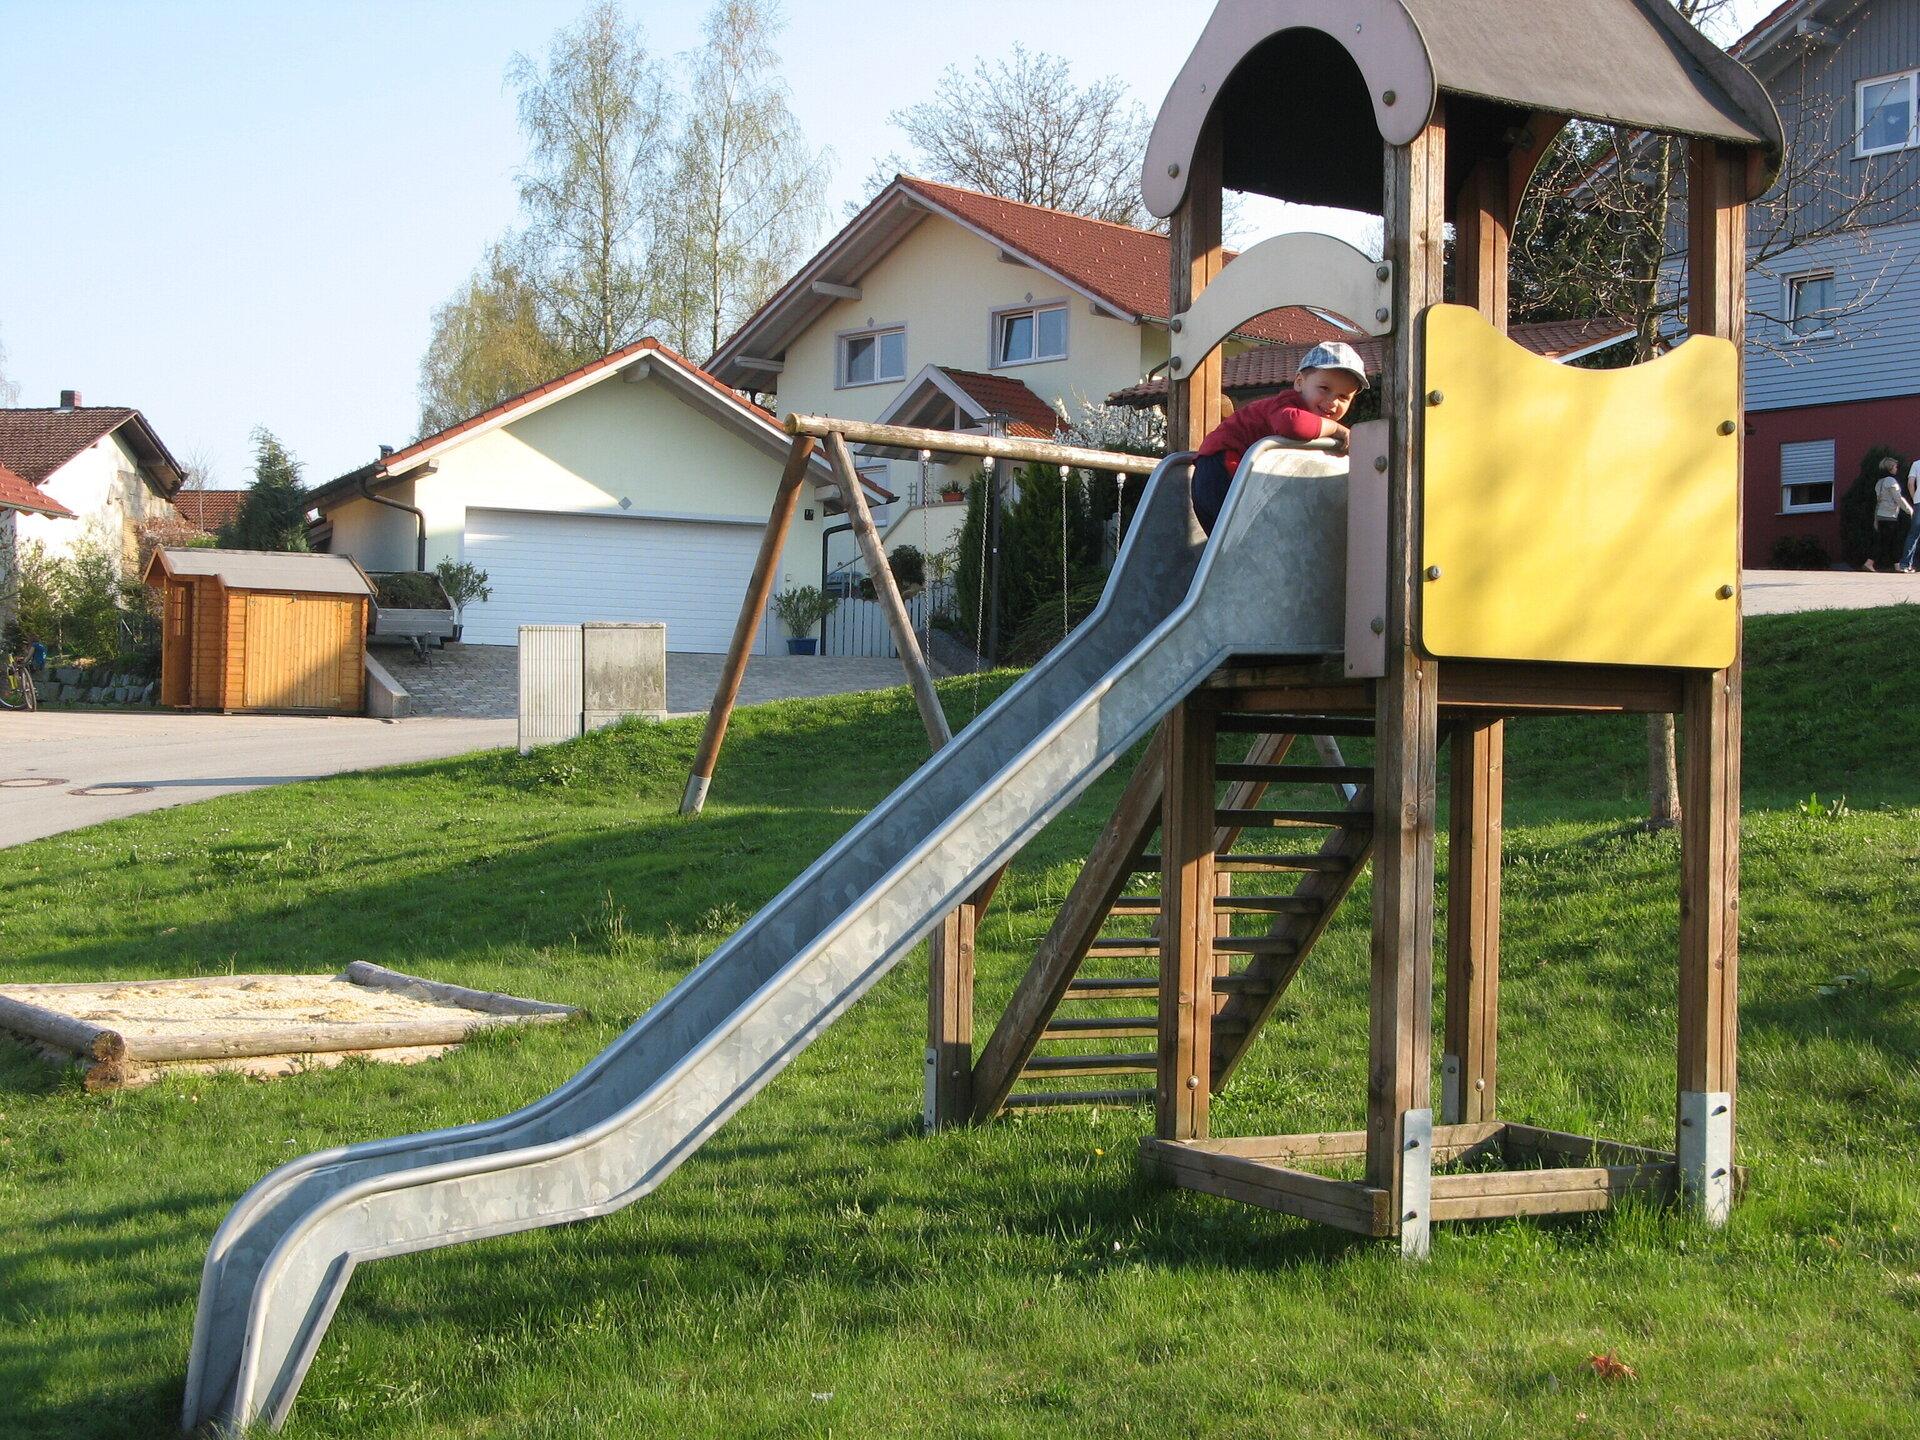 Öffentliche Spielplätze im Gemeindegebiet